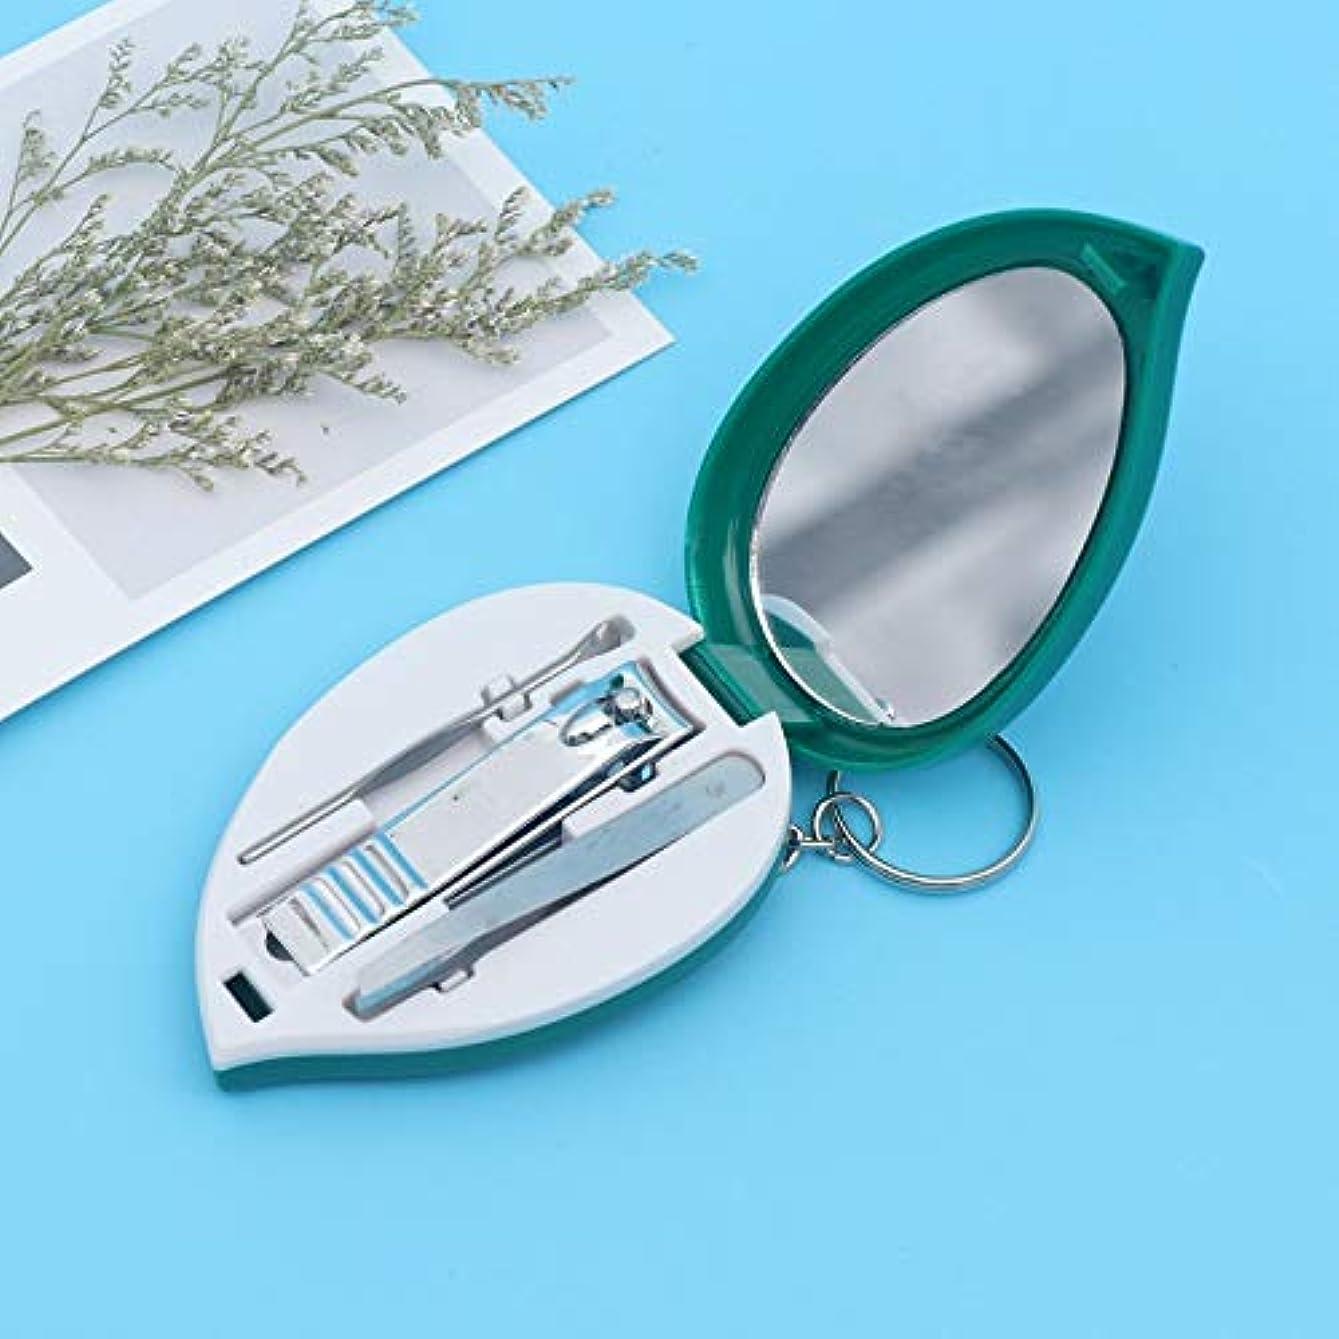 推進力ソーダ水ホイストステンレス鋼の家の美の釘用具セットの爪切りの爪切りセットの眉毛クリップ爪切り3部分セット